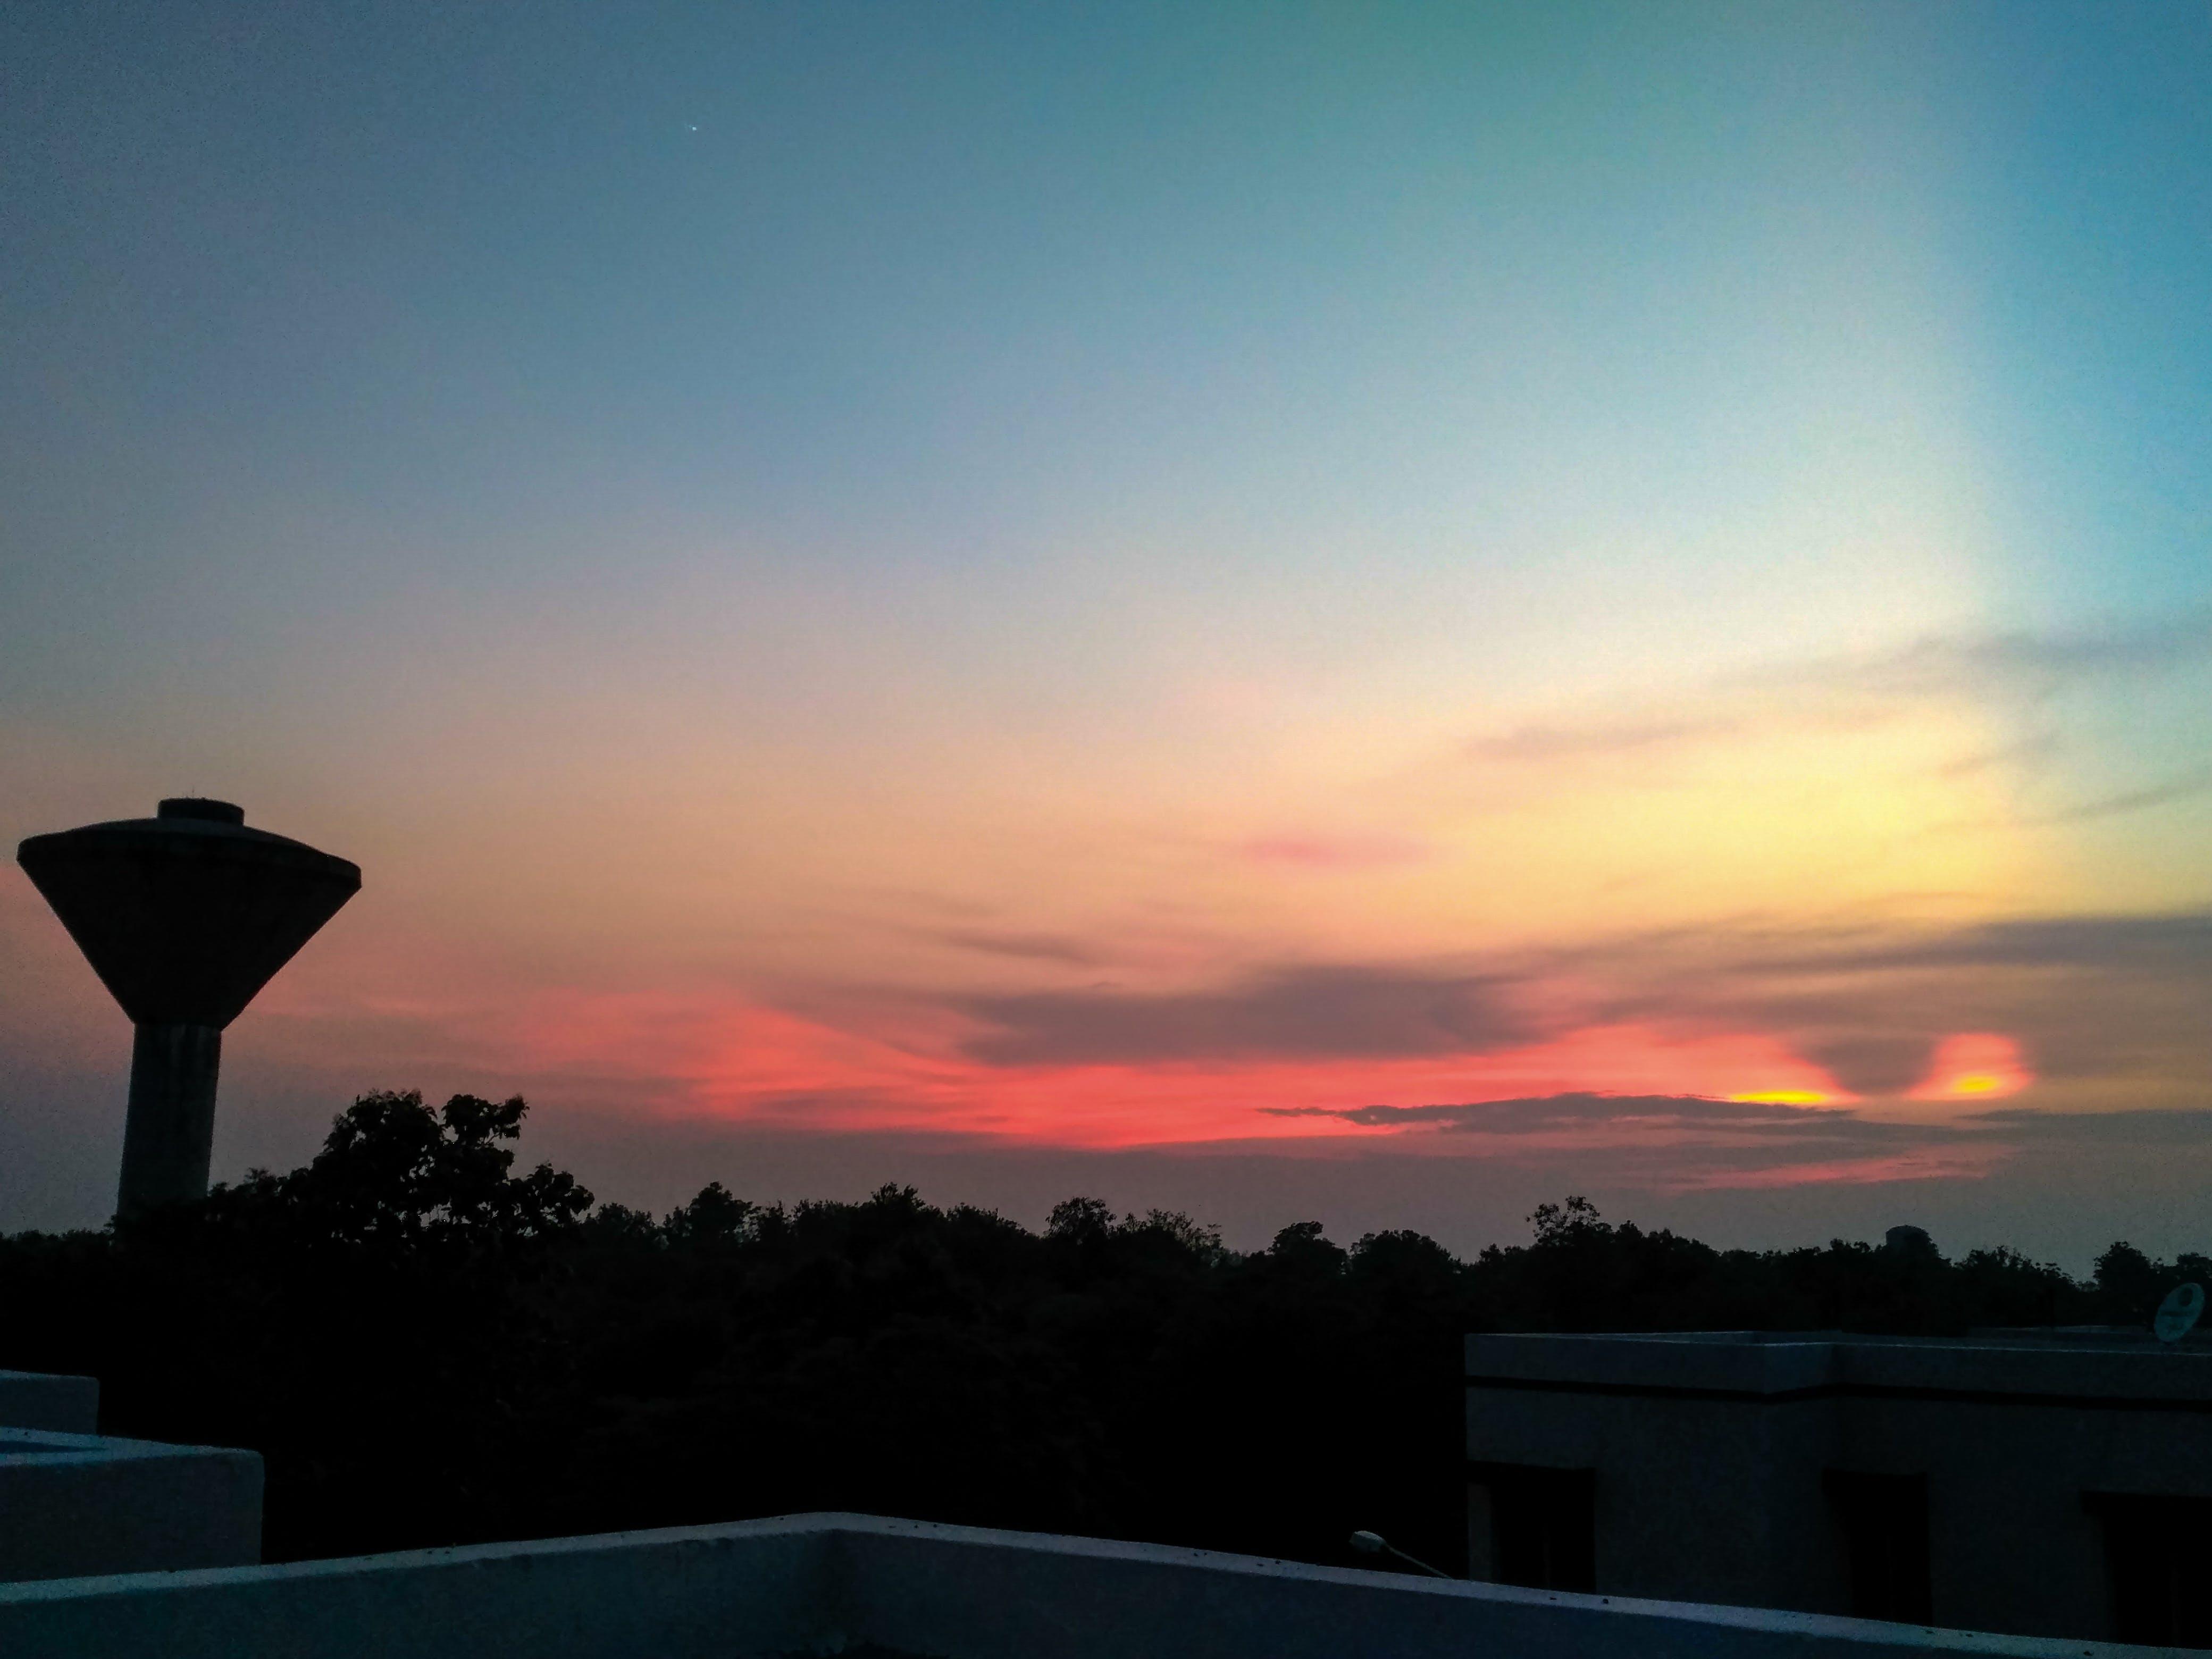 #sunset #sun #light #sky #wallpaper #water #tank